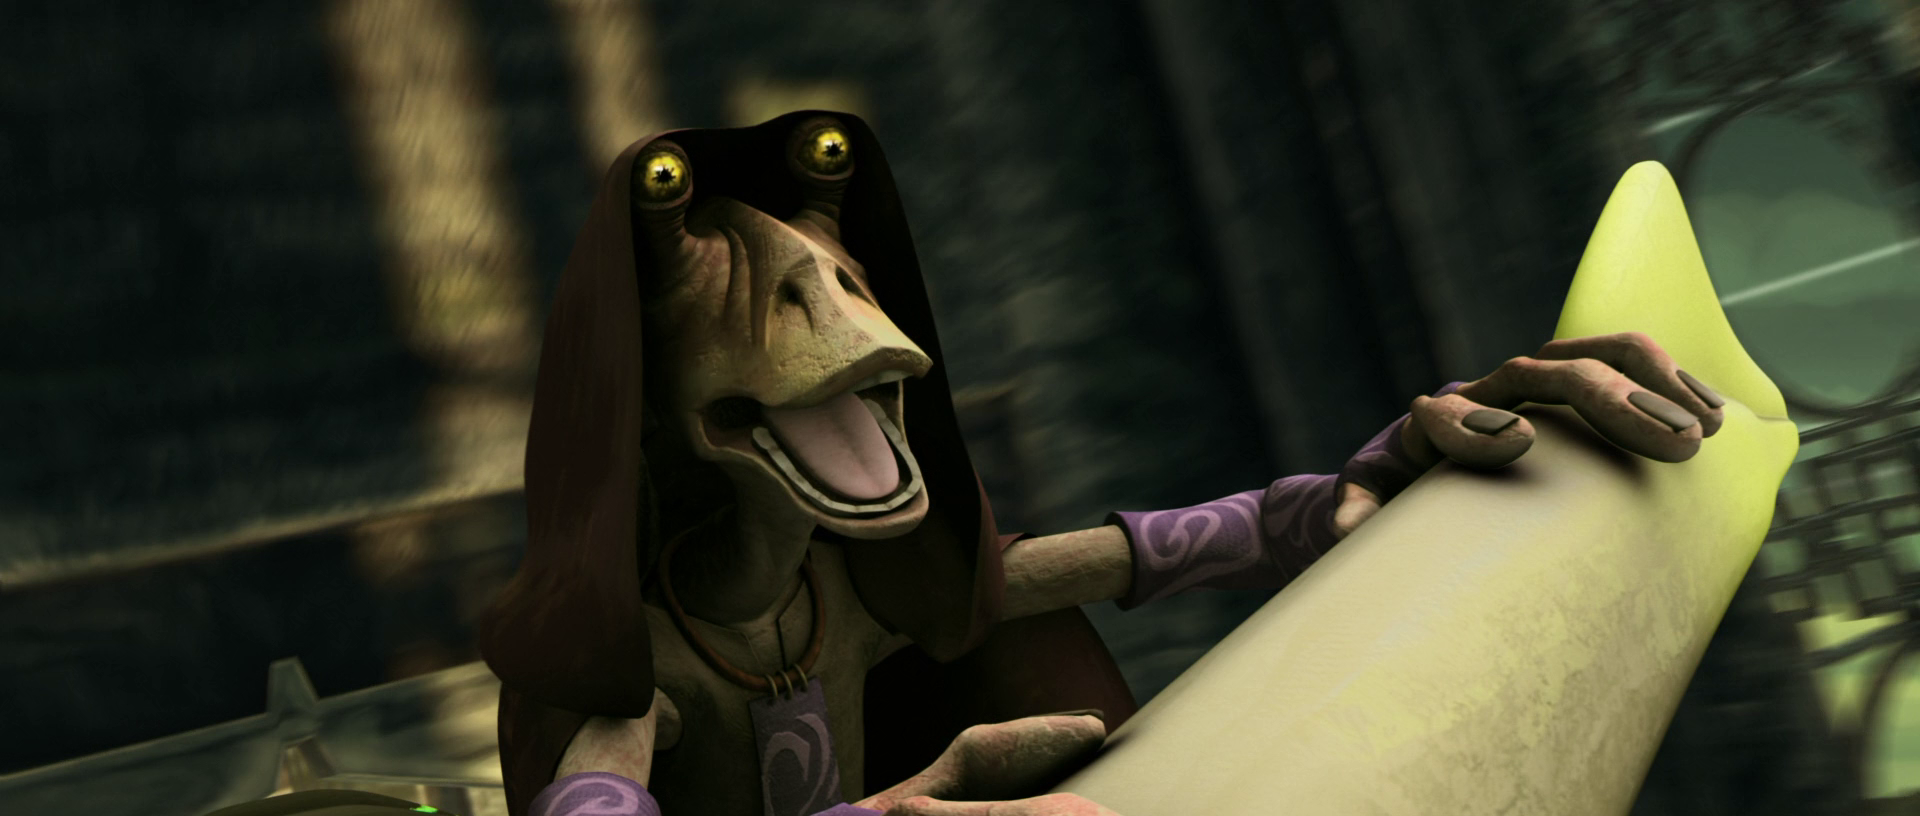 Bombad Jedi